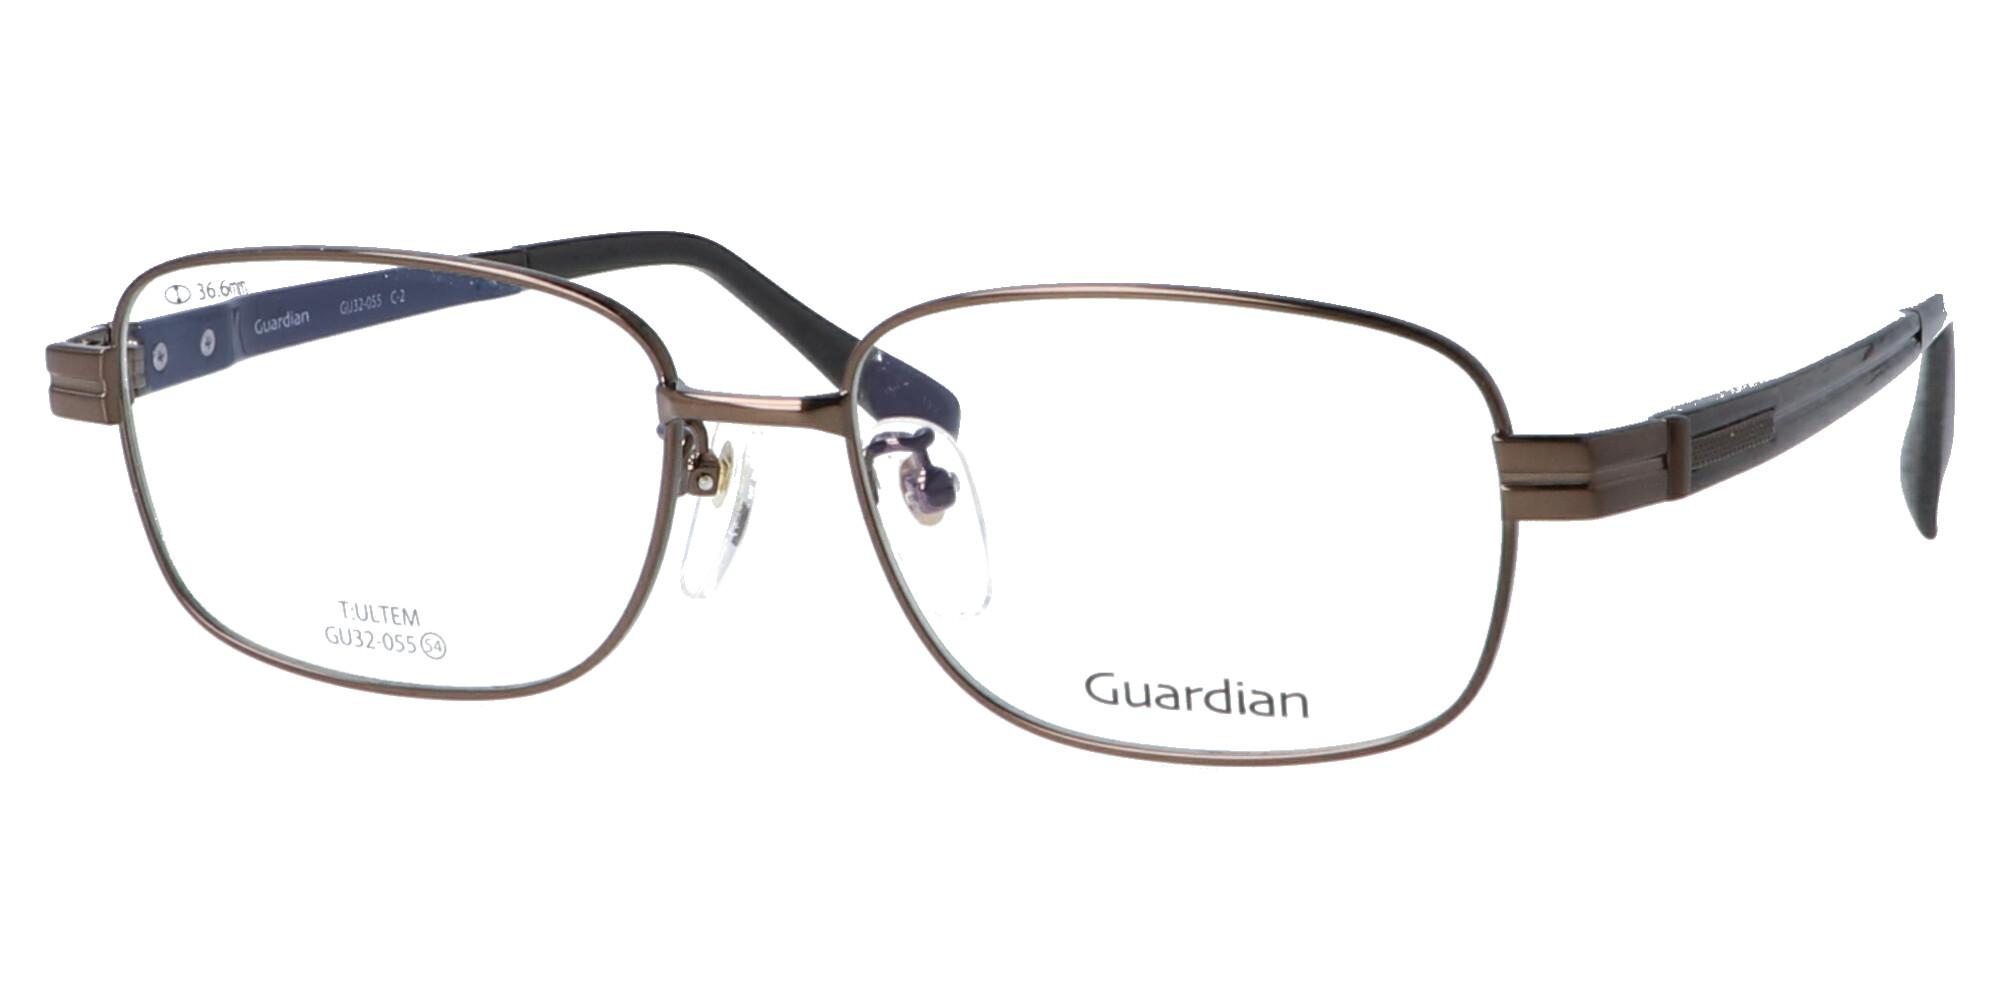 ガーディアン GU32-055_54_ブラウン